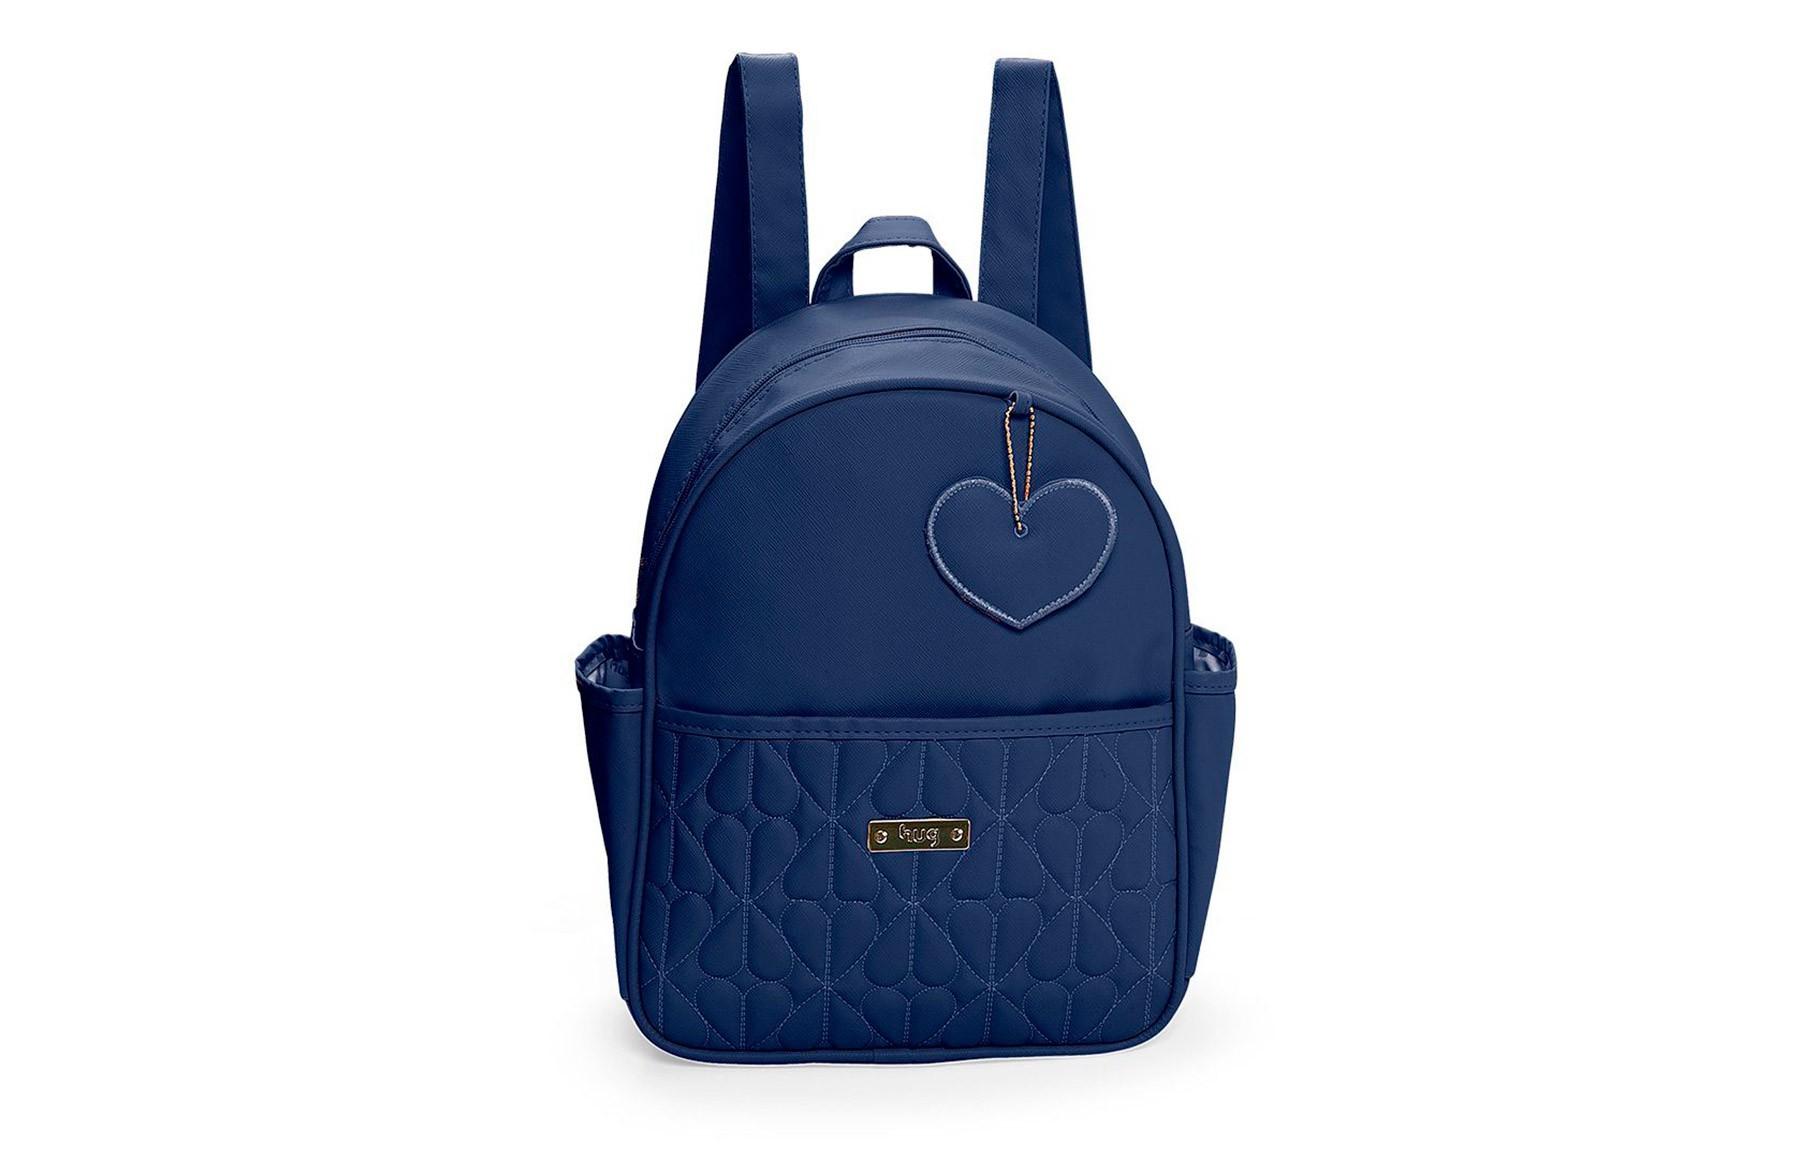 Kit de bolsas 2 peças linha Curaçau cor azul marinho